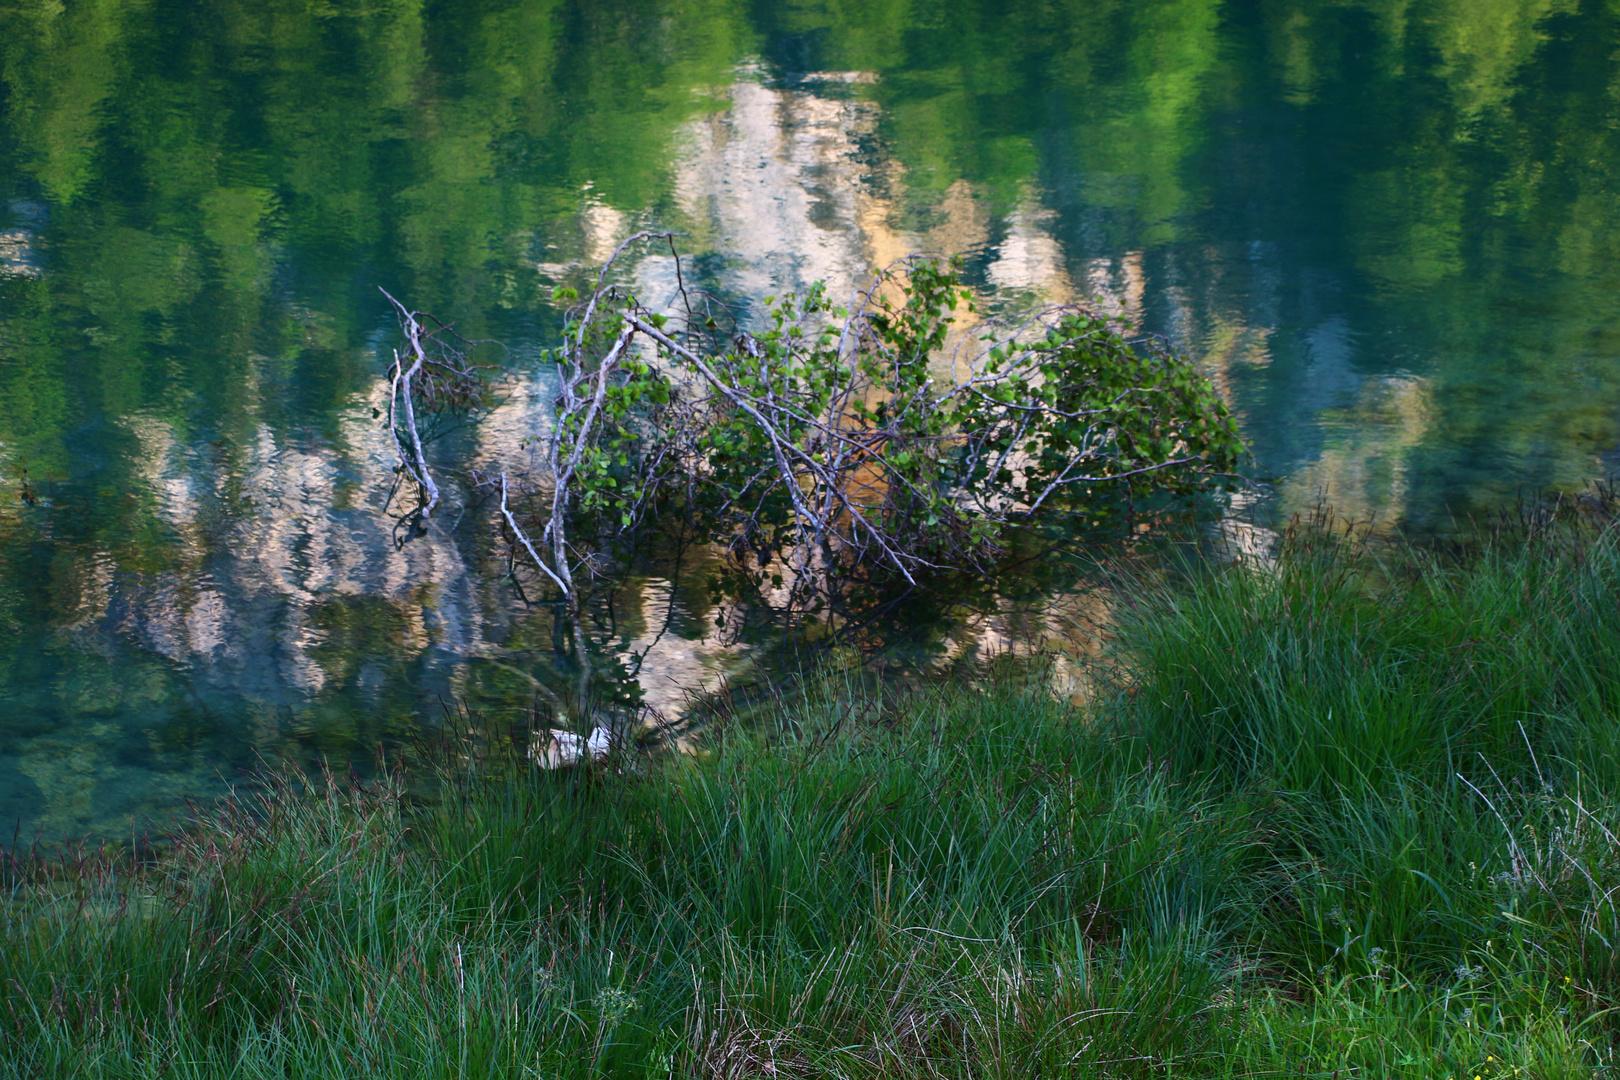 Mystisch am See